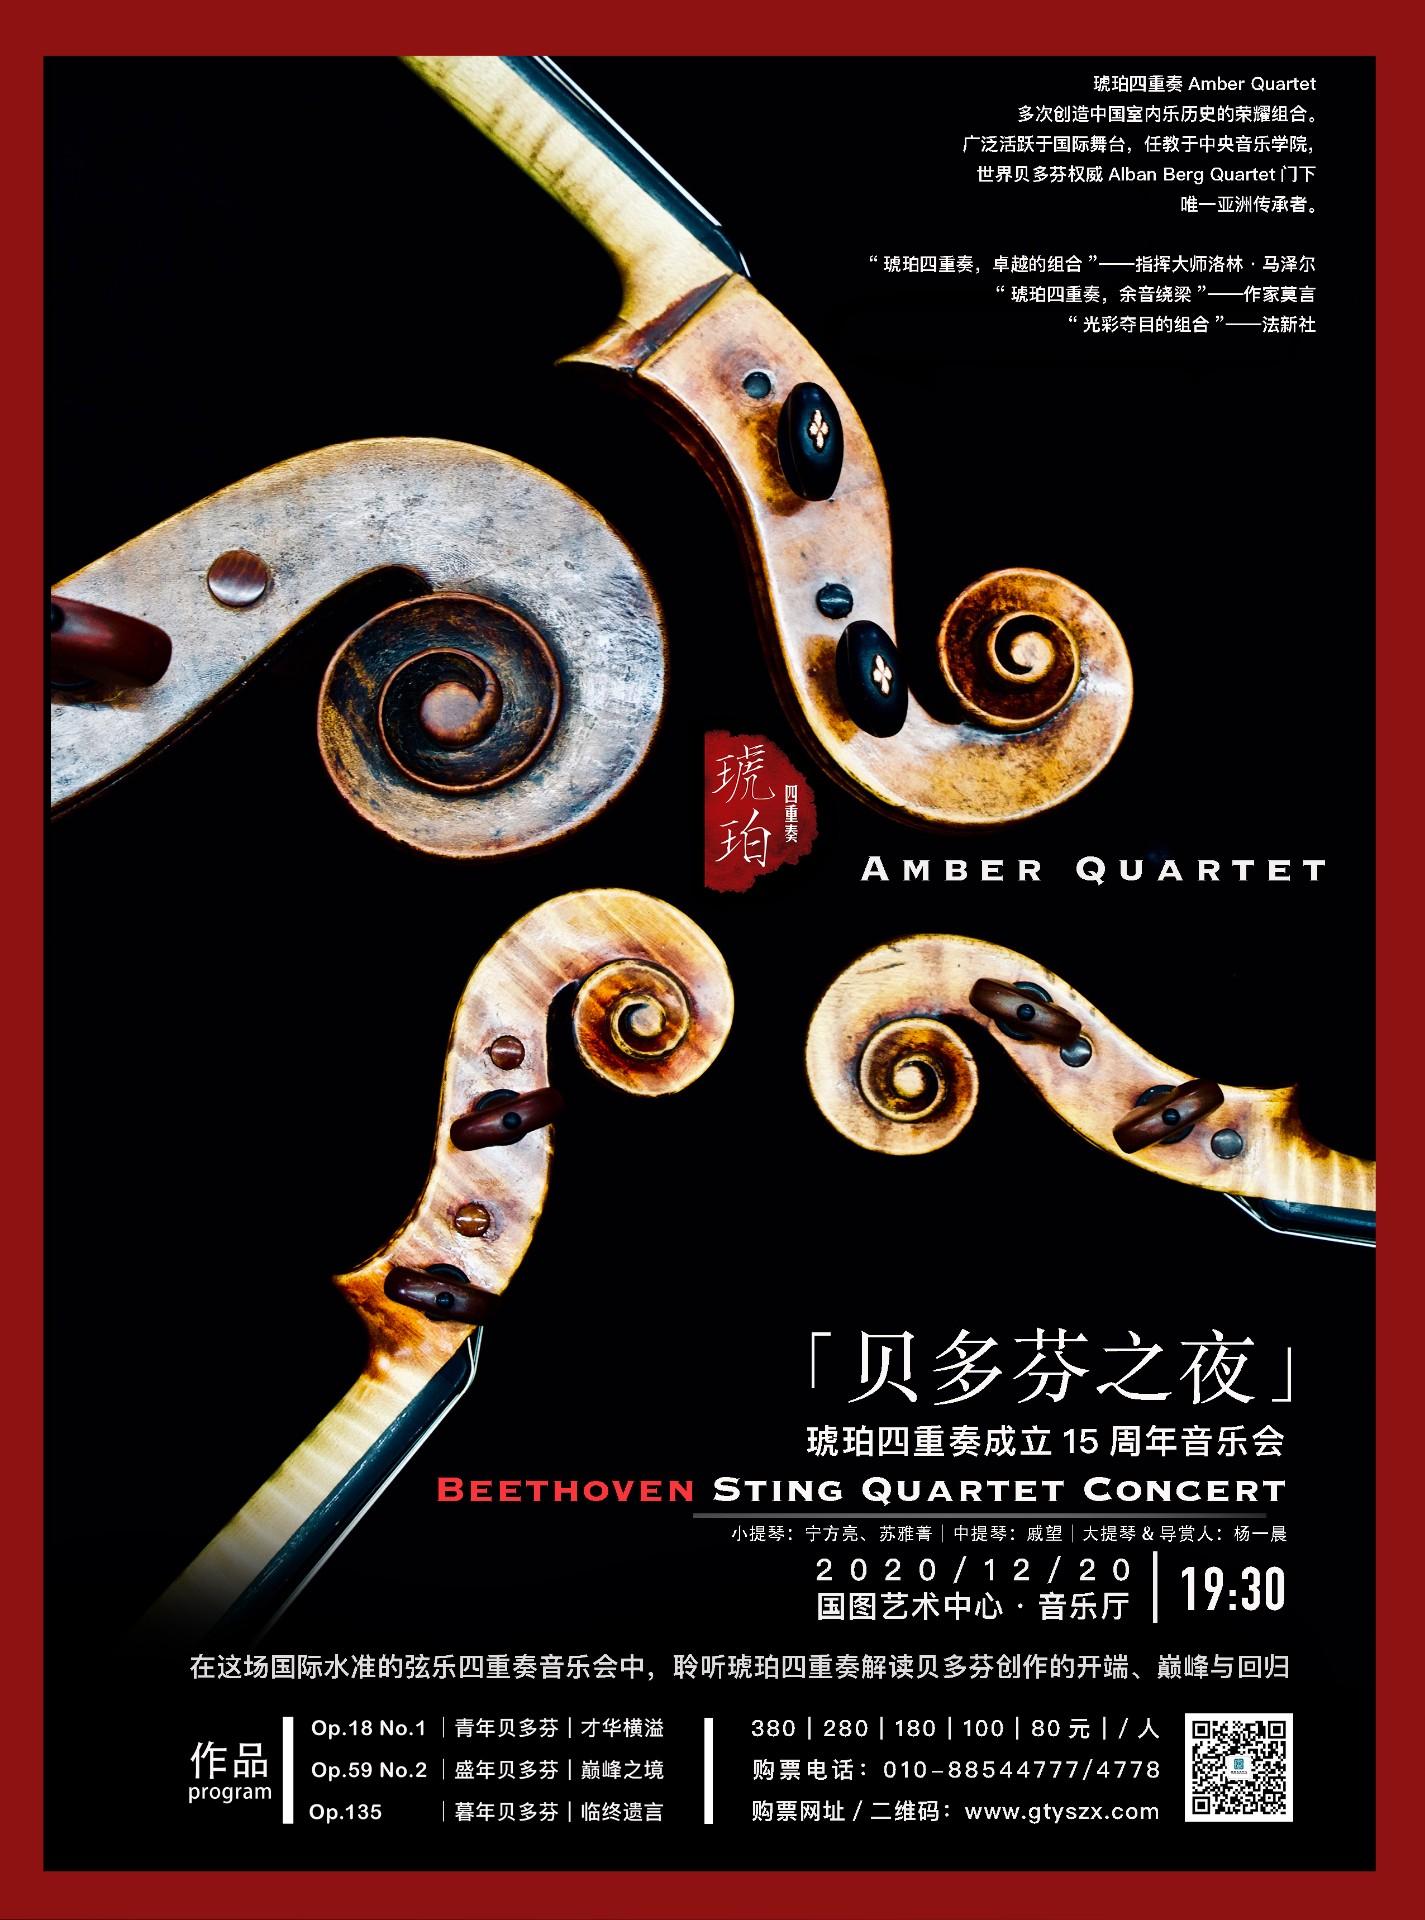 【贝多芬之夜】—琥珀四重奏成立15周年ballbet贝博网页登录